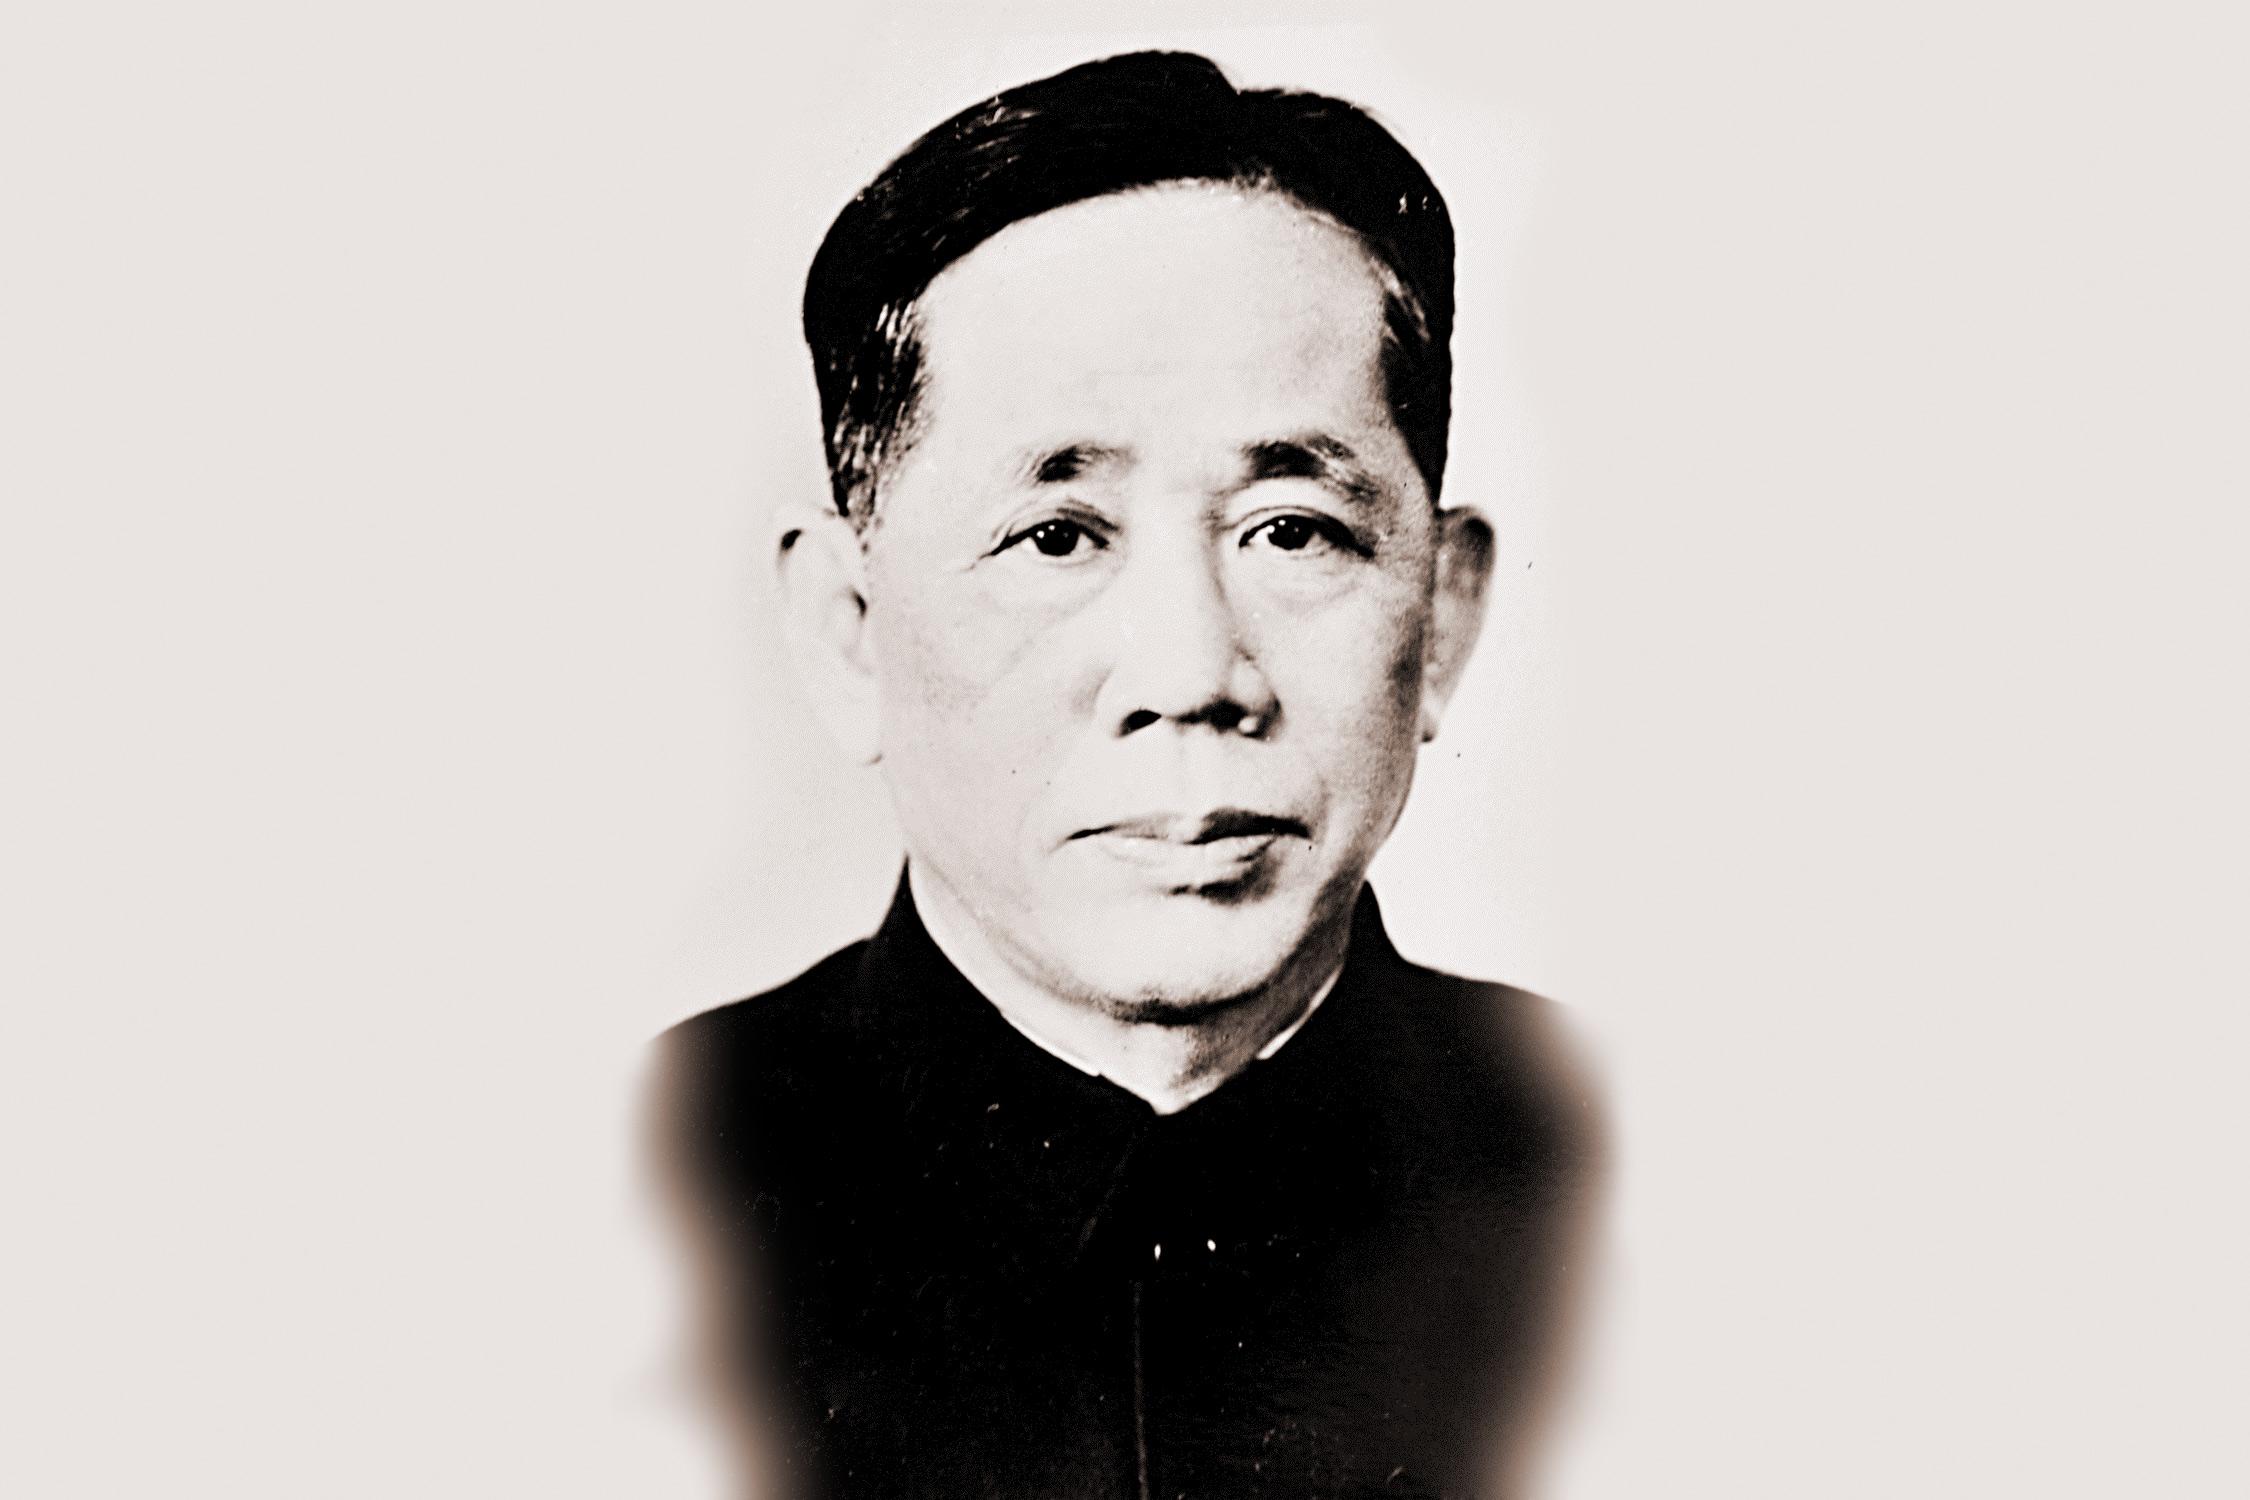 Bài phát biểu của Tổng bí thư Lê Duẩn về Trung Quốc năm 1979